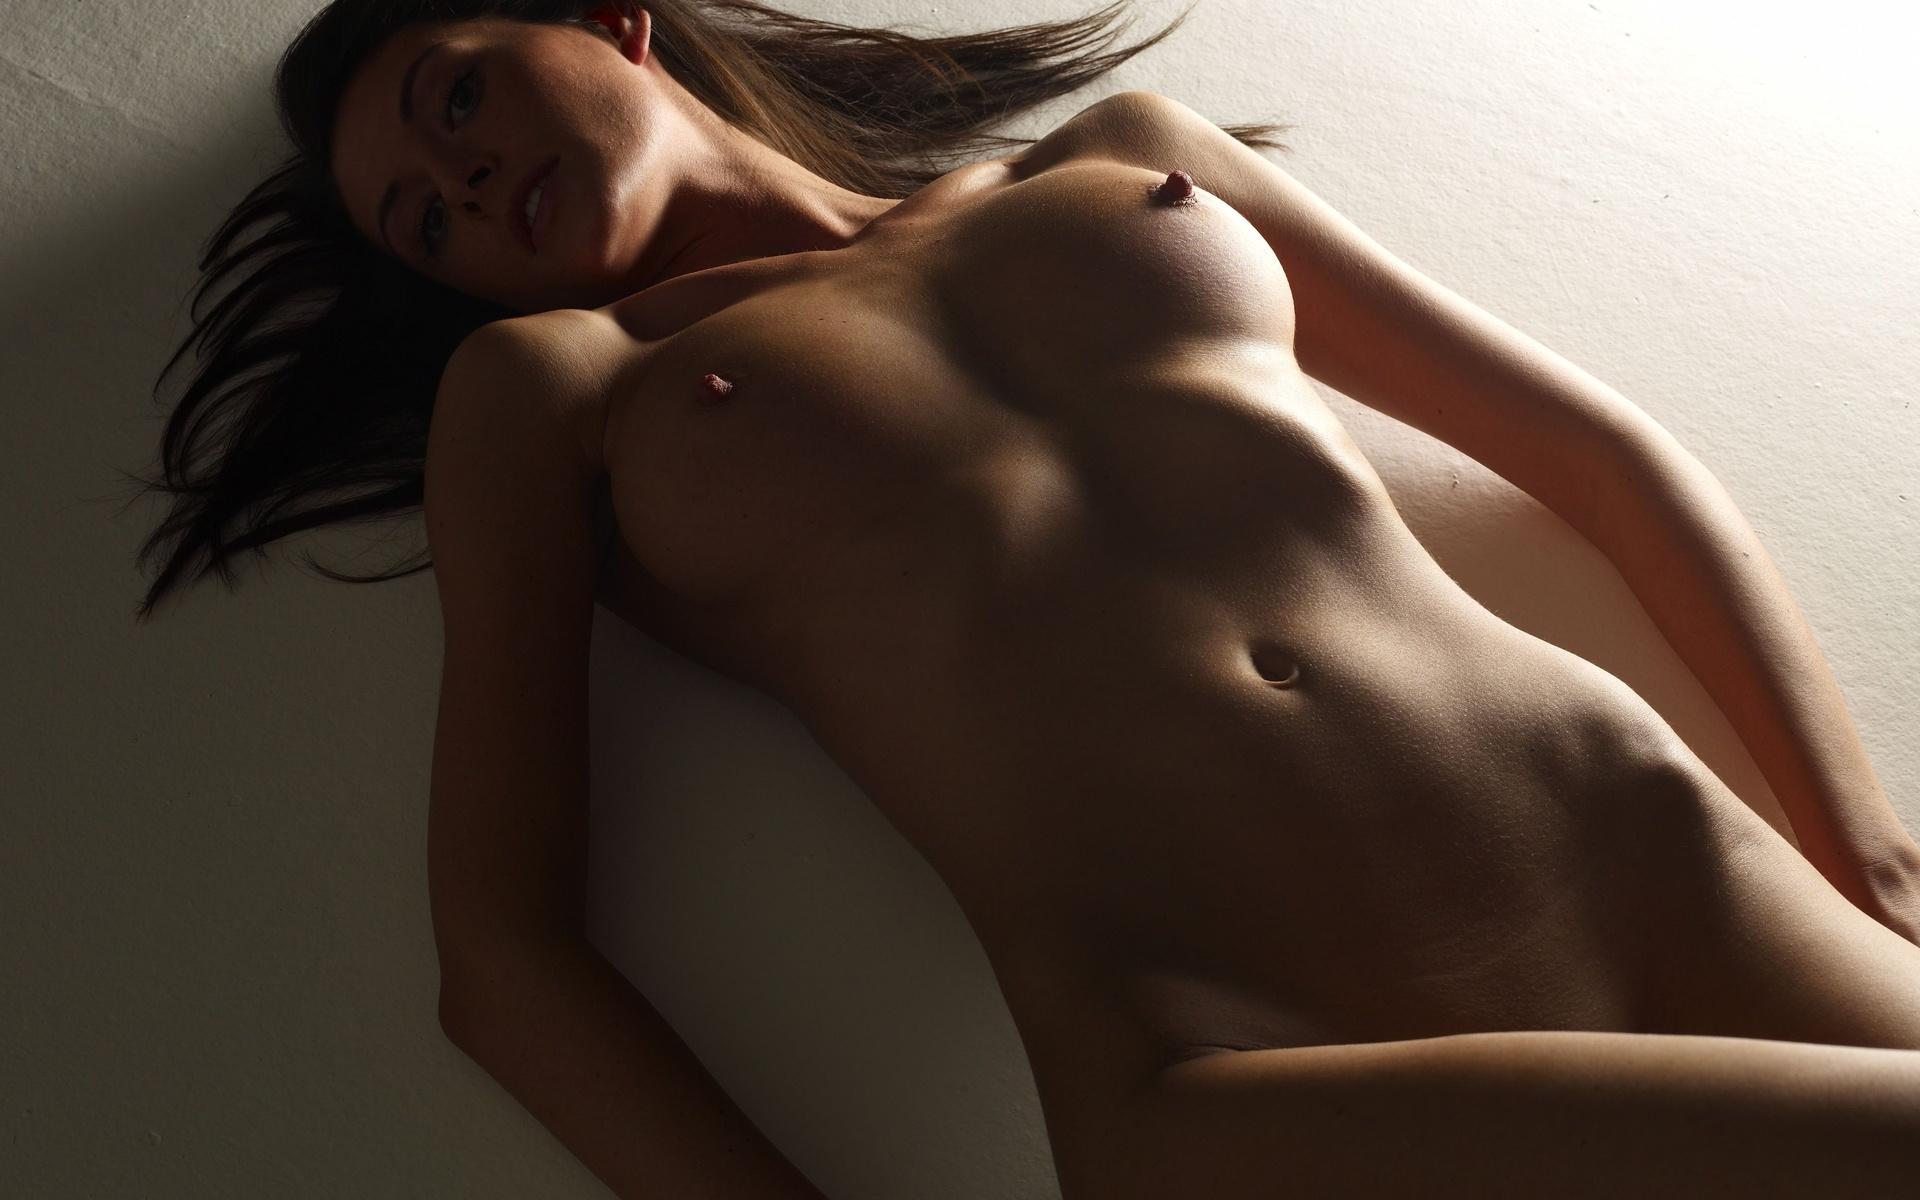 Фото красивых тел женских еротика домашних 2 фотография